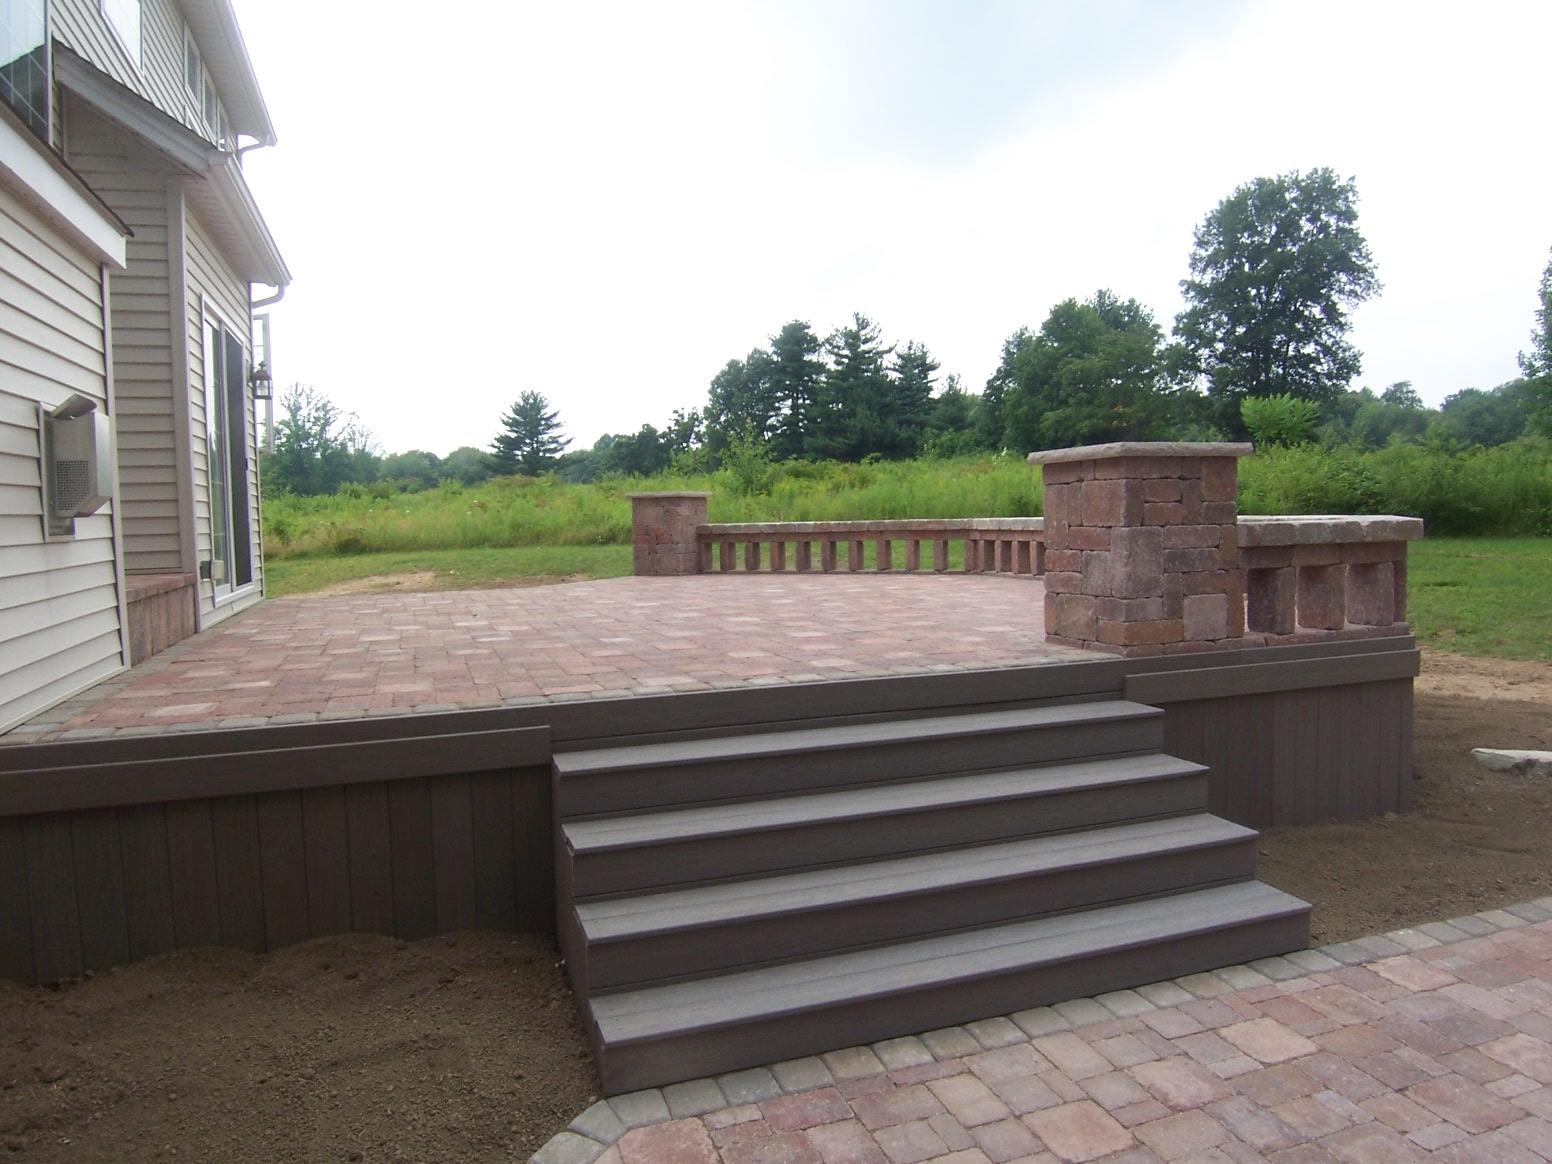 Landscape Deck Hardscape Restoration With Silca System